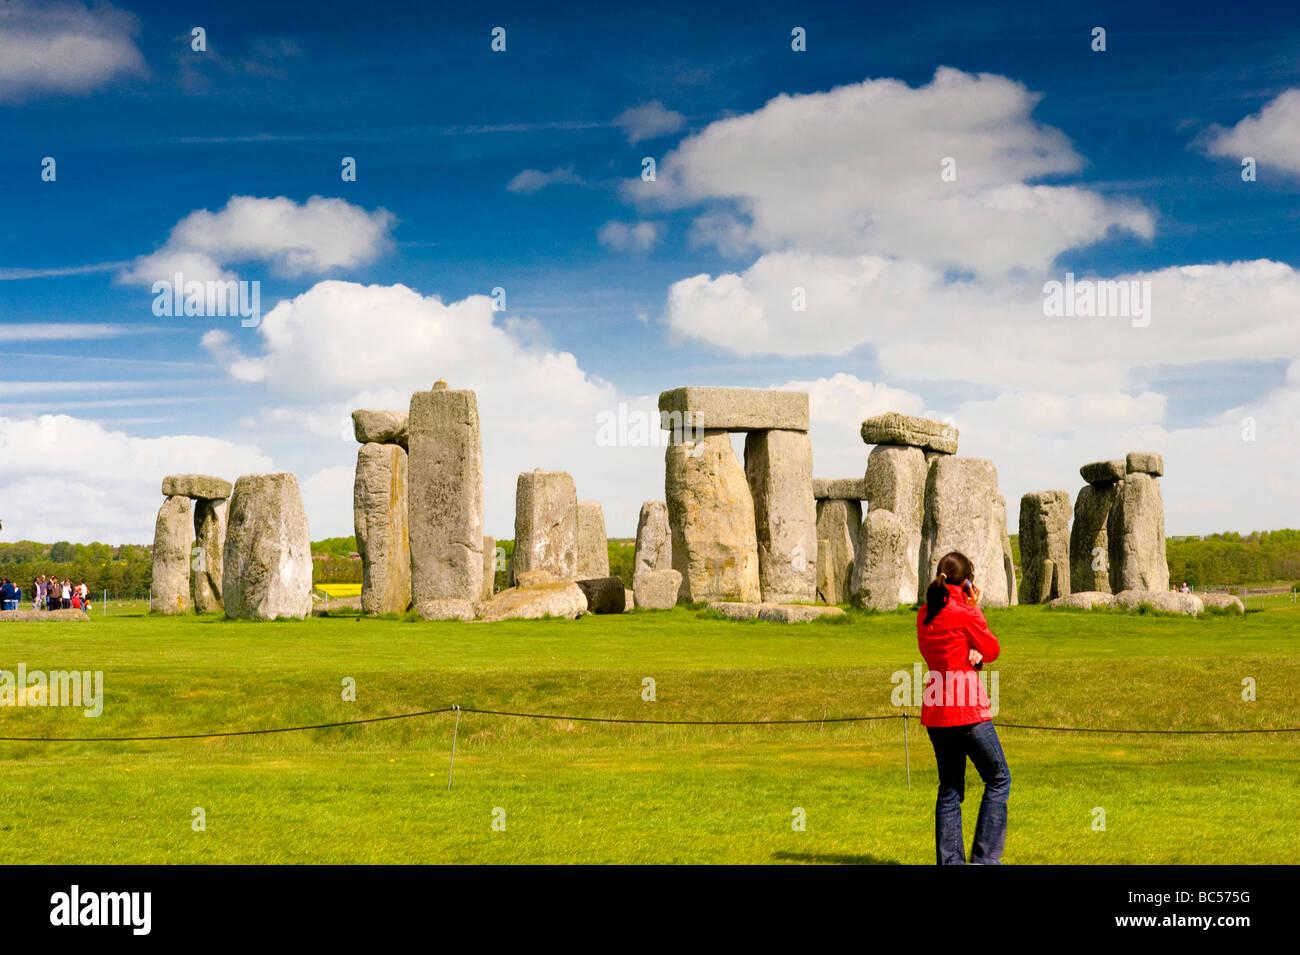 Die antike Denkmal von Stonehenge Wiltshire England UK Stockbild